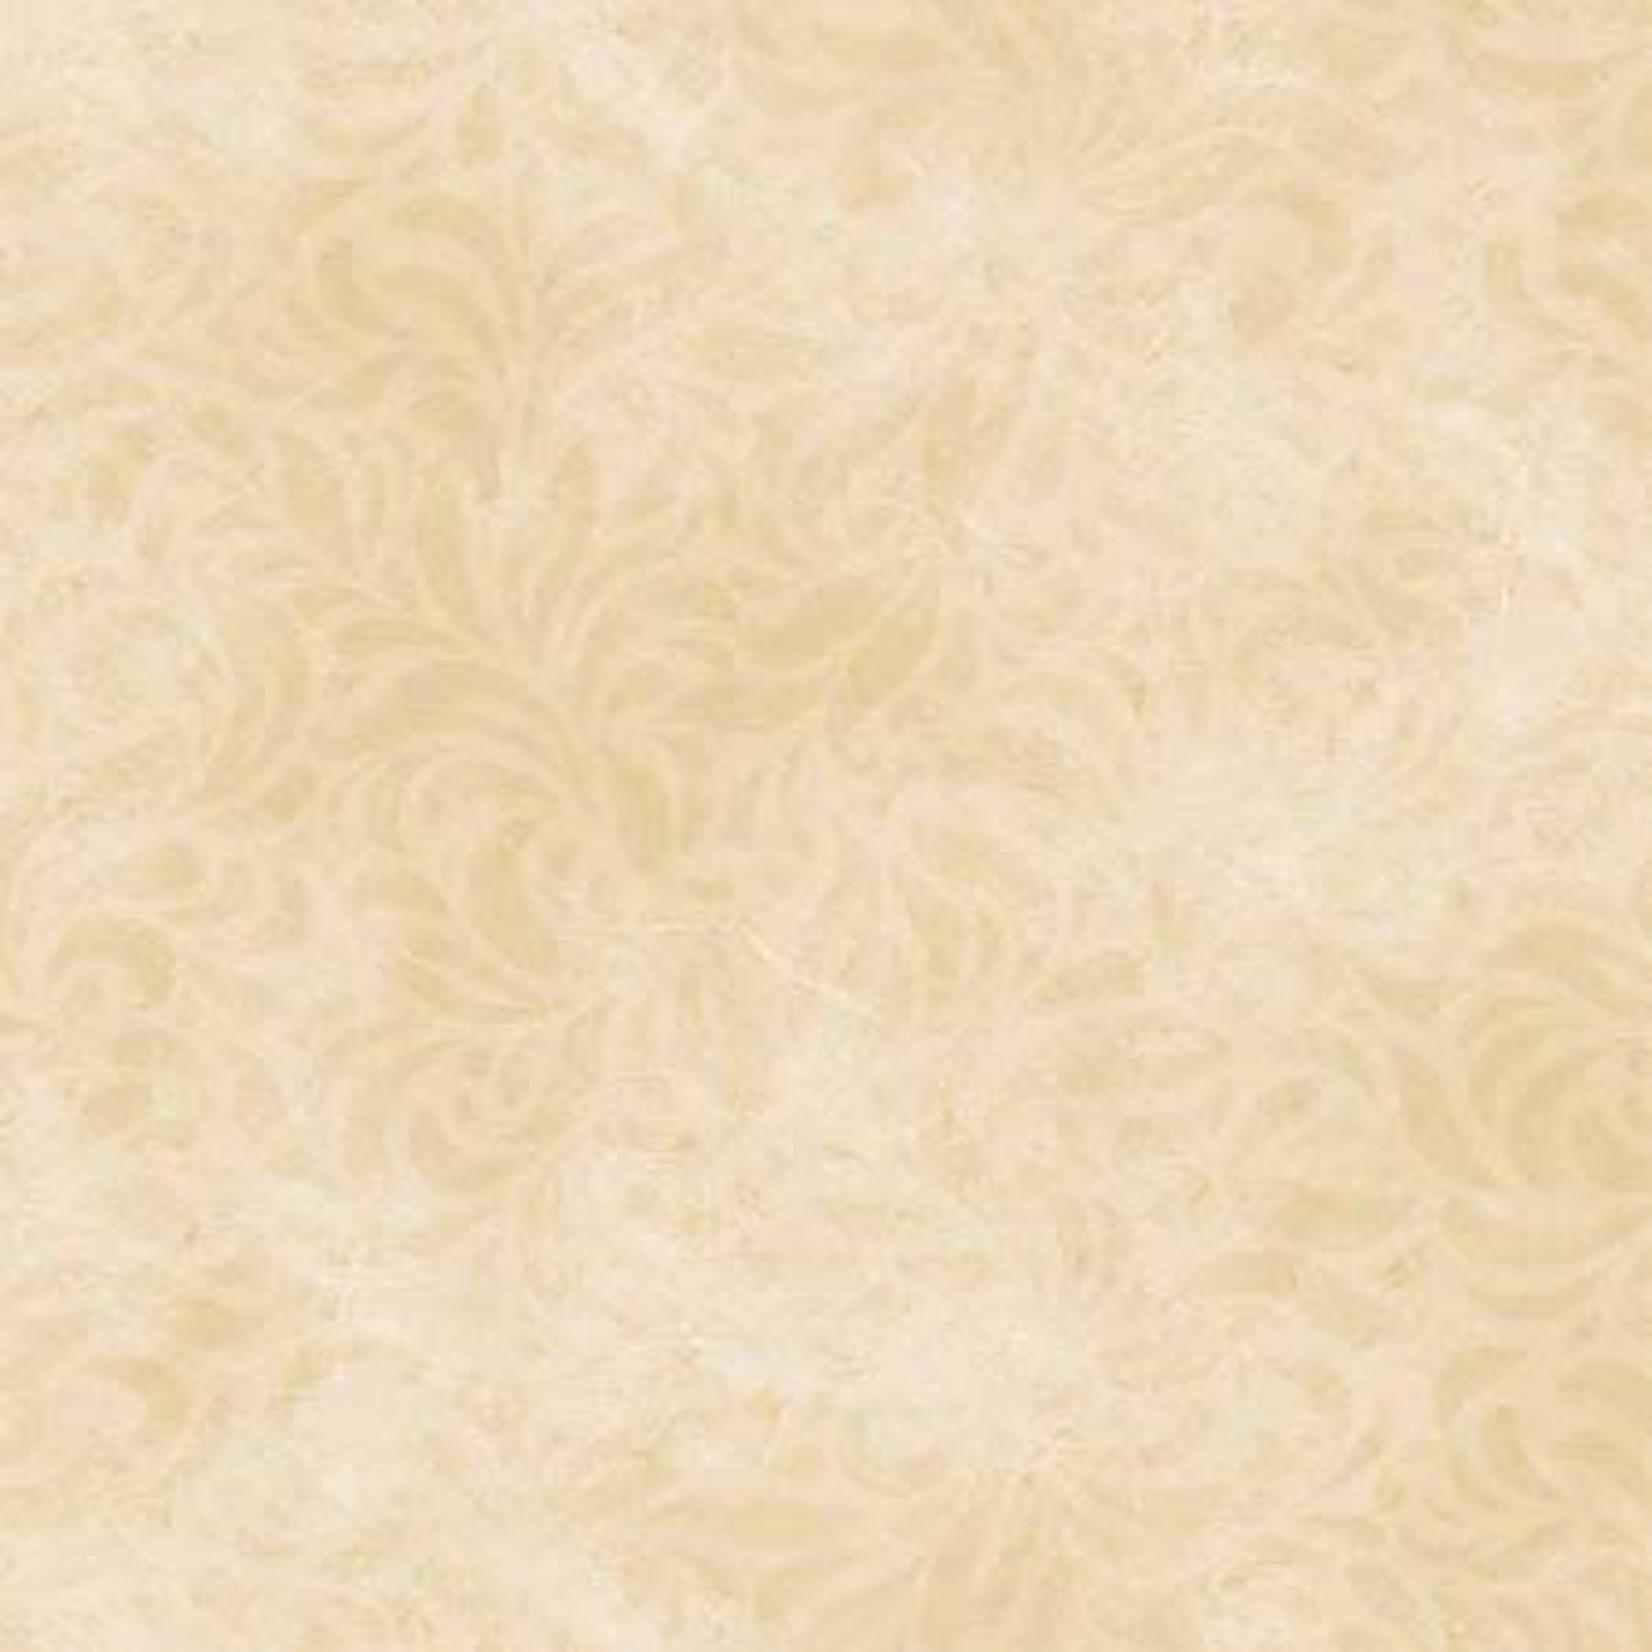 P&B Textiles Bella Suede - Cream